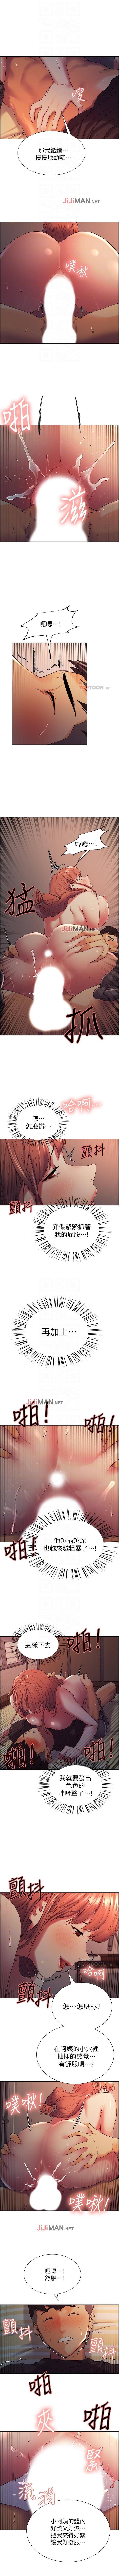 【周二连载】室友招募中(作者:Serious) 第1~13话 74